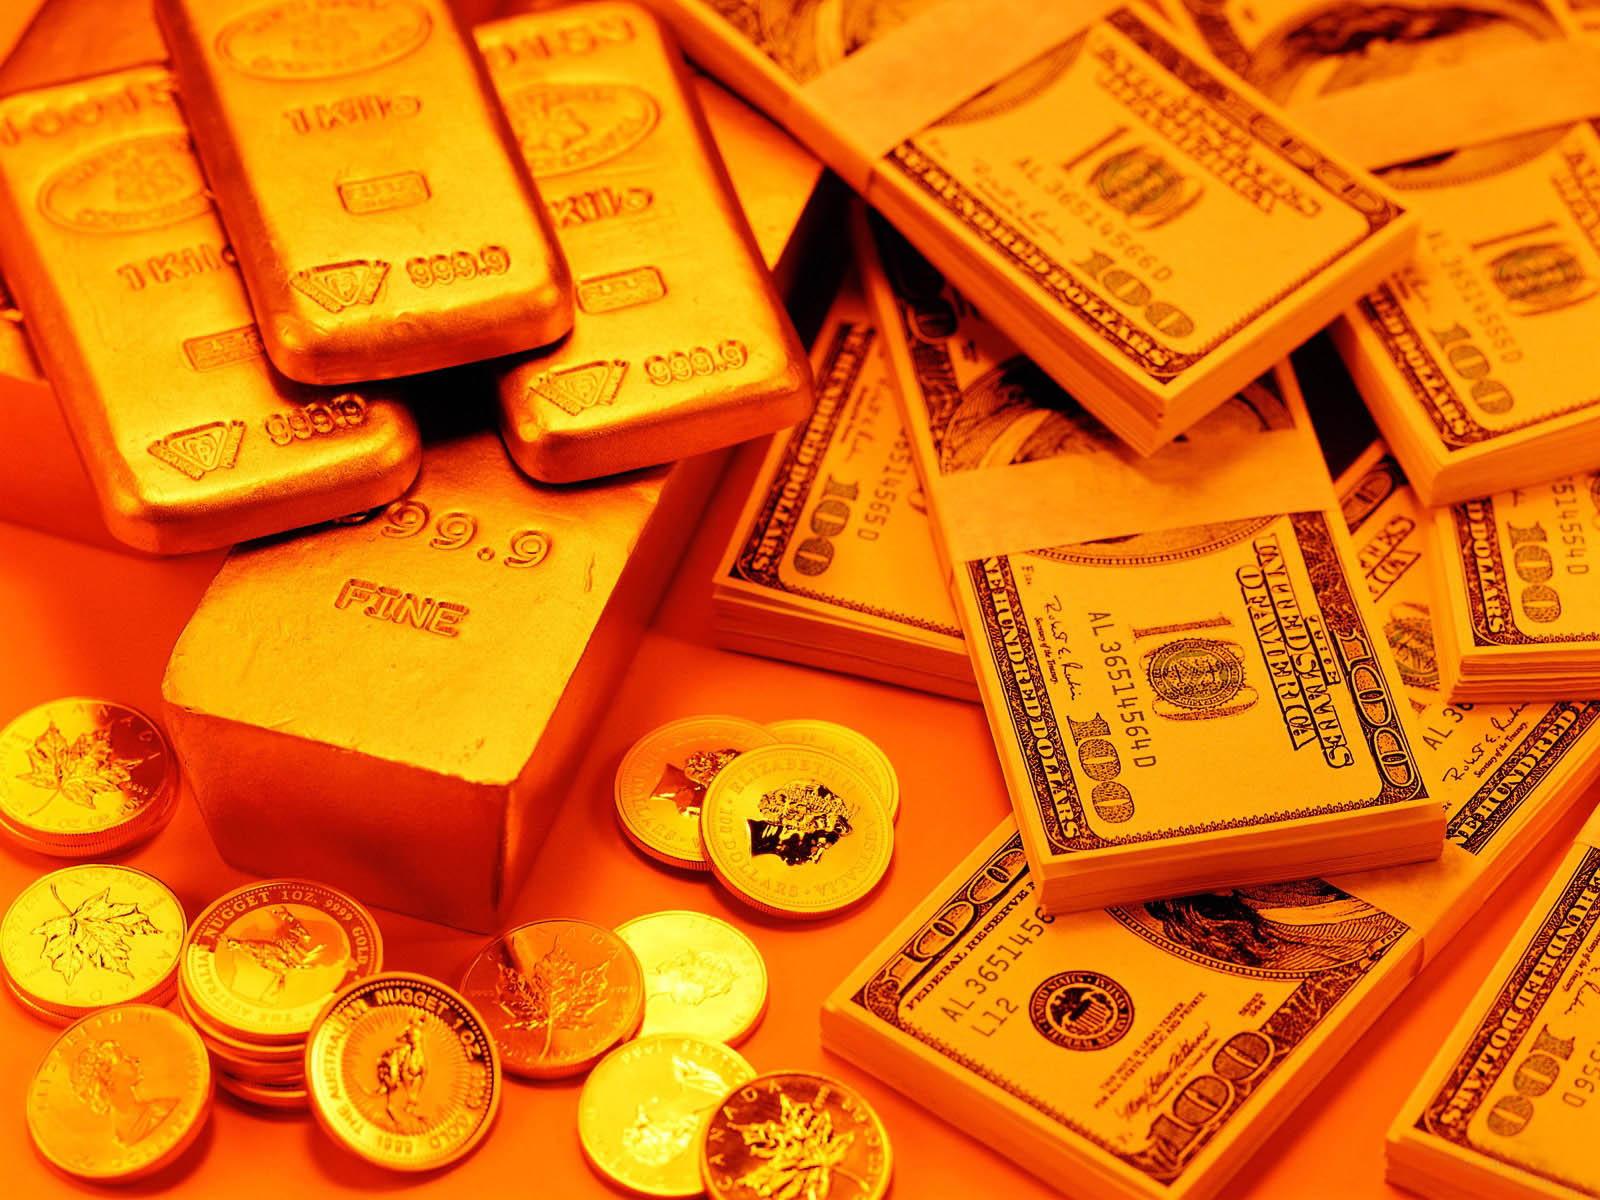 http://3.bp.blogspot.com/-f5rmVlKcjVs/UHbWHpsRqdI/AAAAAAAALWw/8rDZO_1Js3U/s1600/Gold+Wallpapers+6.jpg